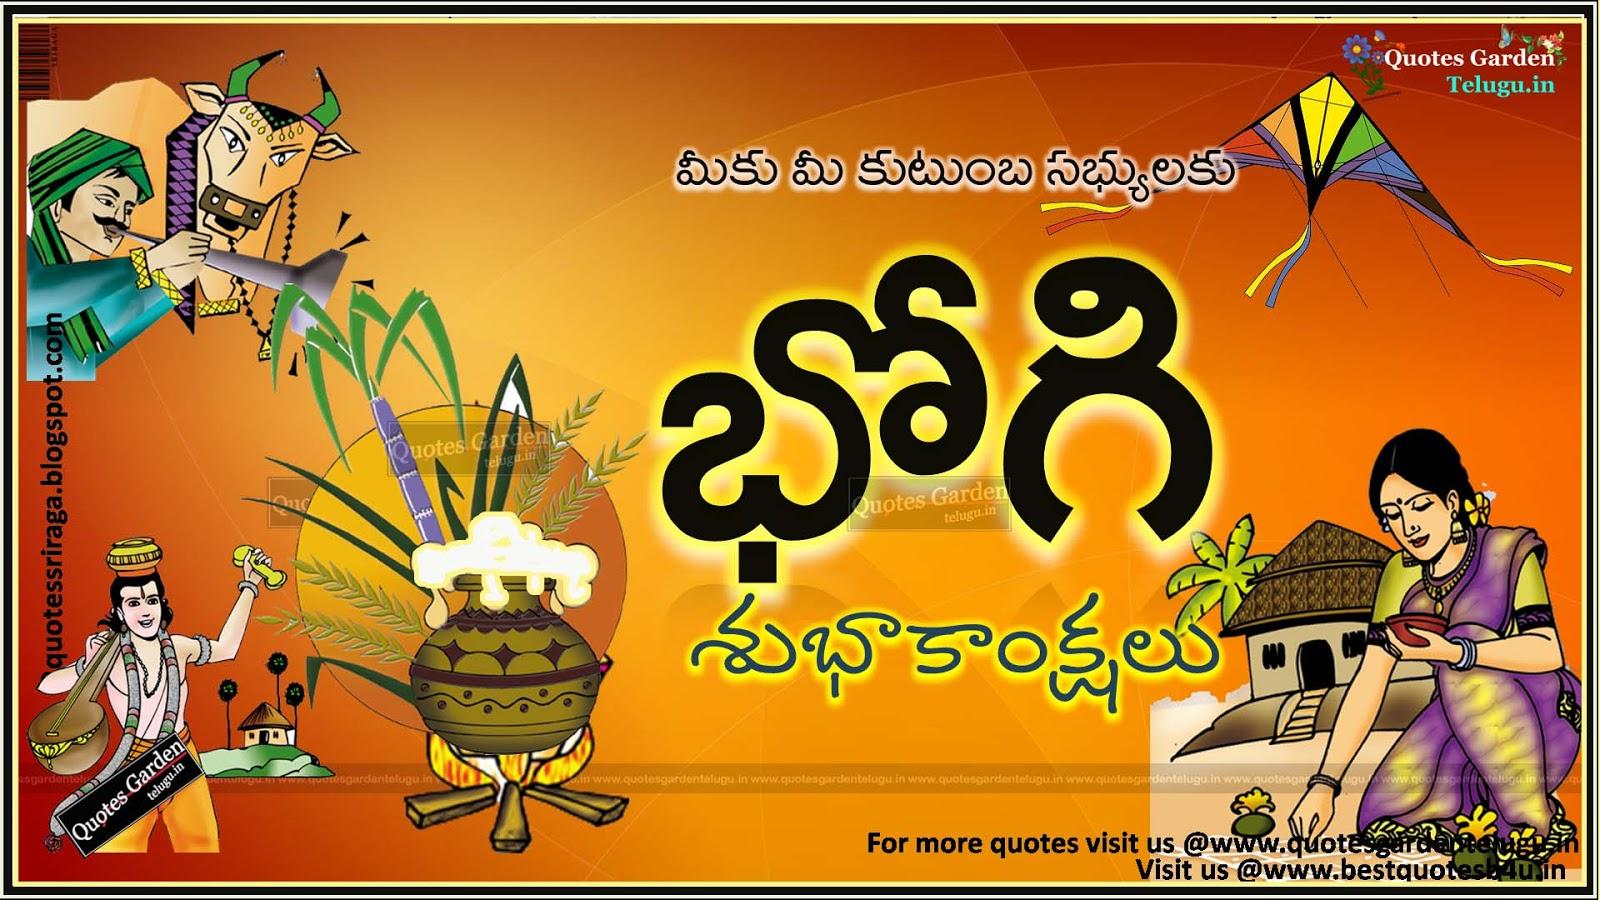 Telugu Bhogi Sankranthi Greetings Quotes Wallpapers Quotes Garden